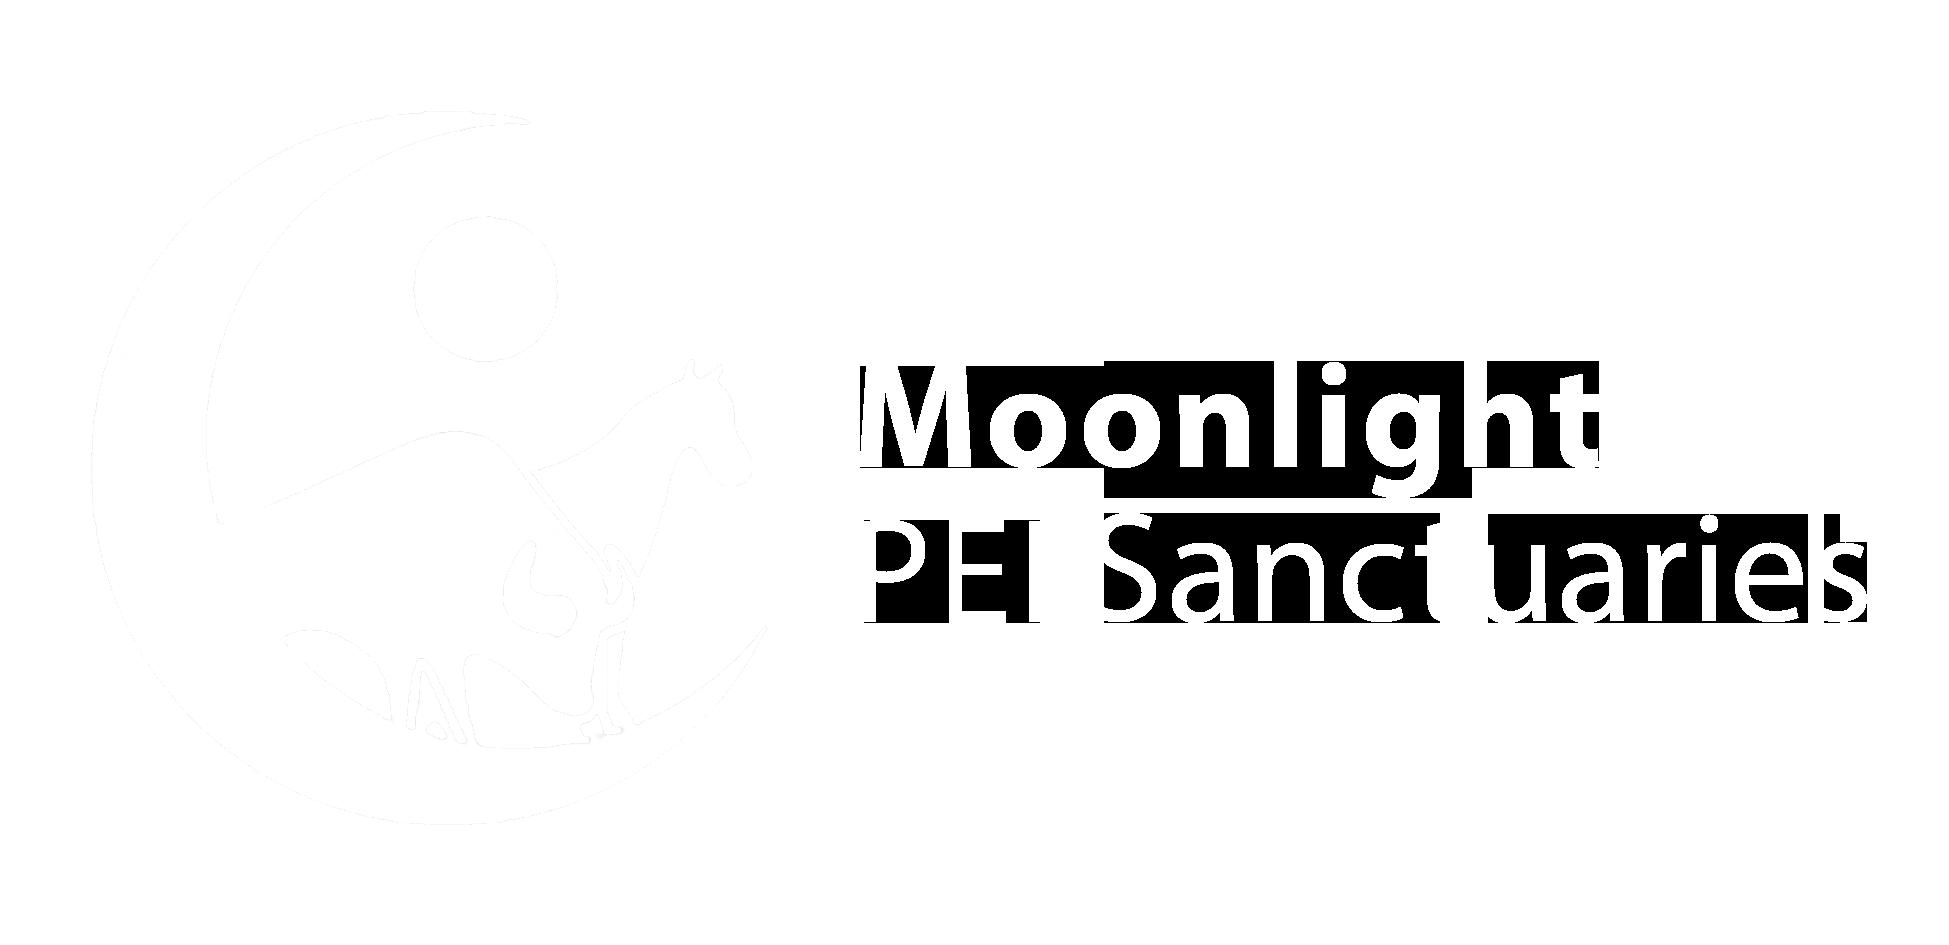 Moonlight PEI Sanctuaries